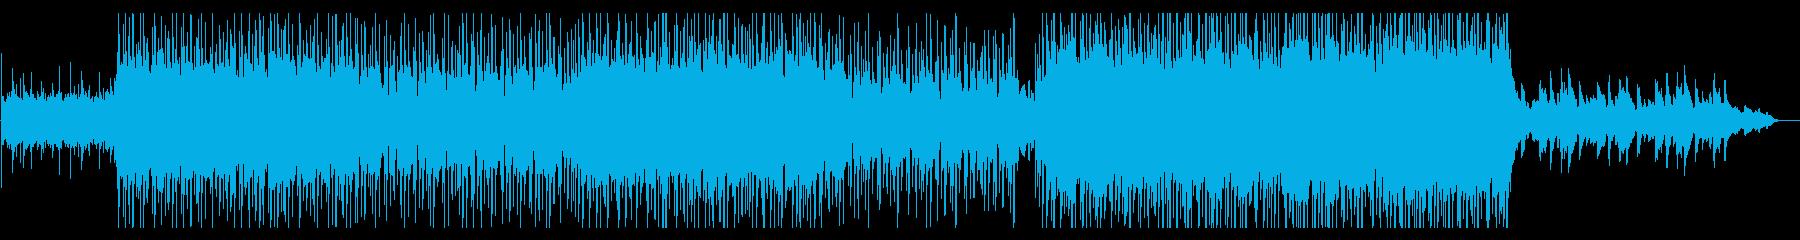 和風アジアンテイスト疾走感タイトルバックの再生済みの波形